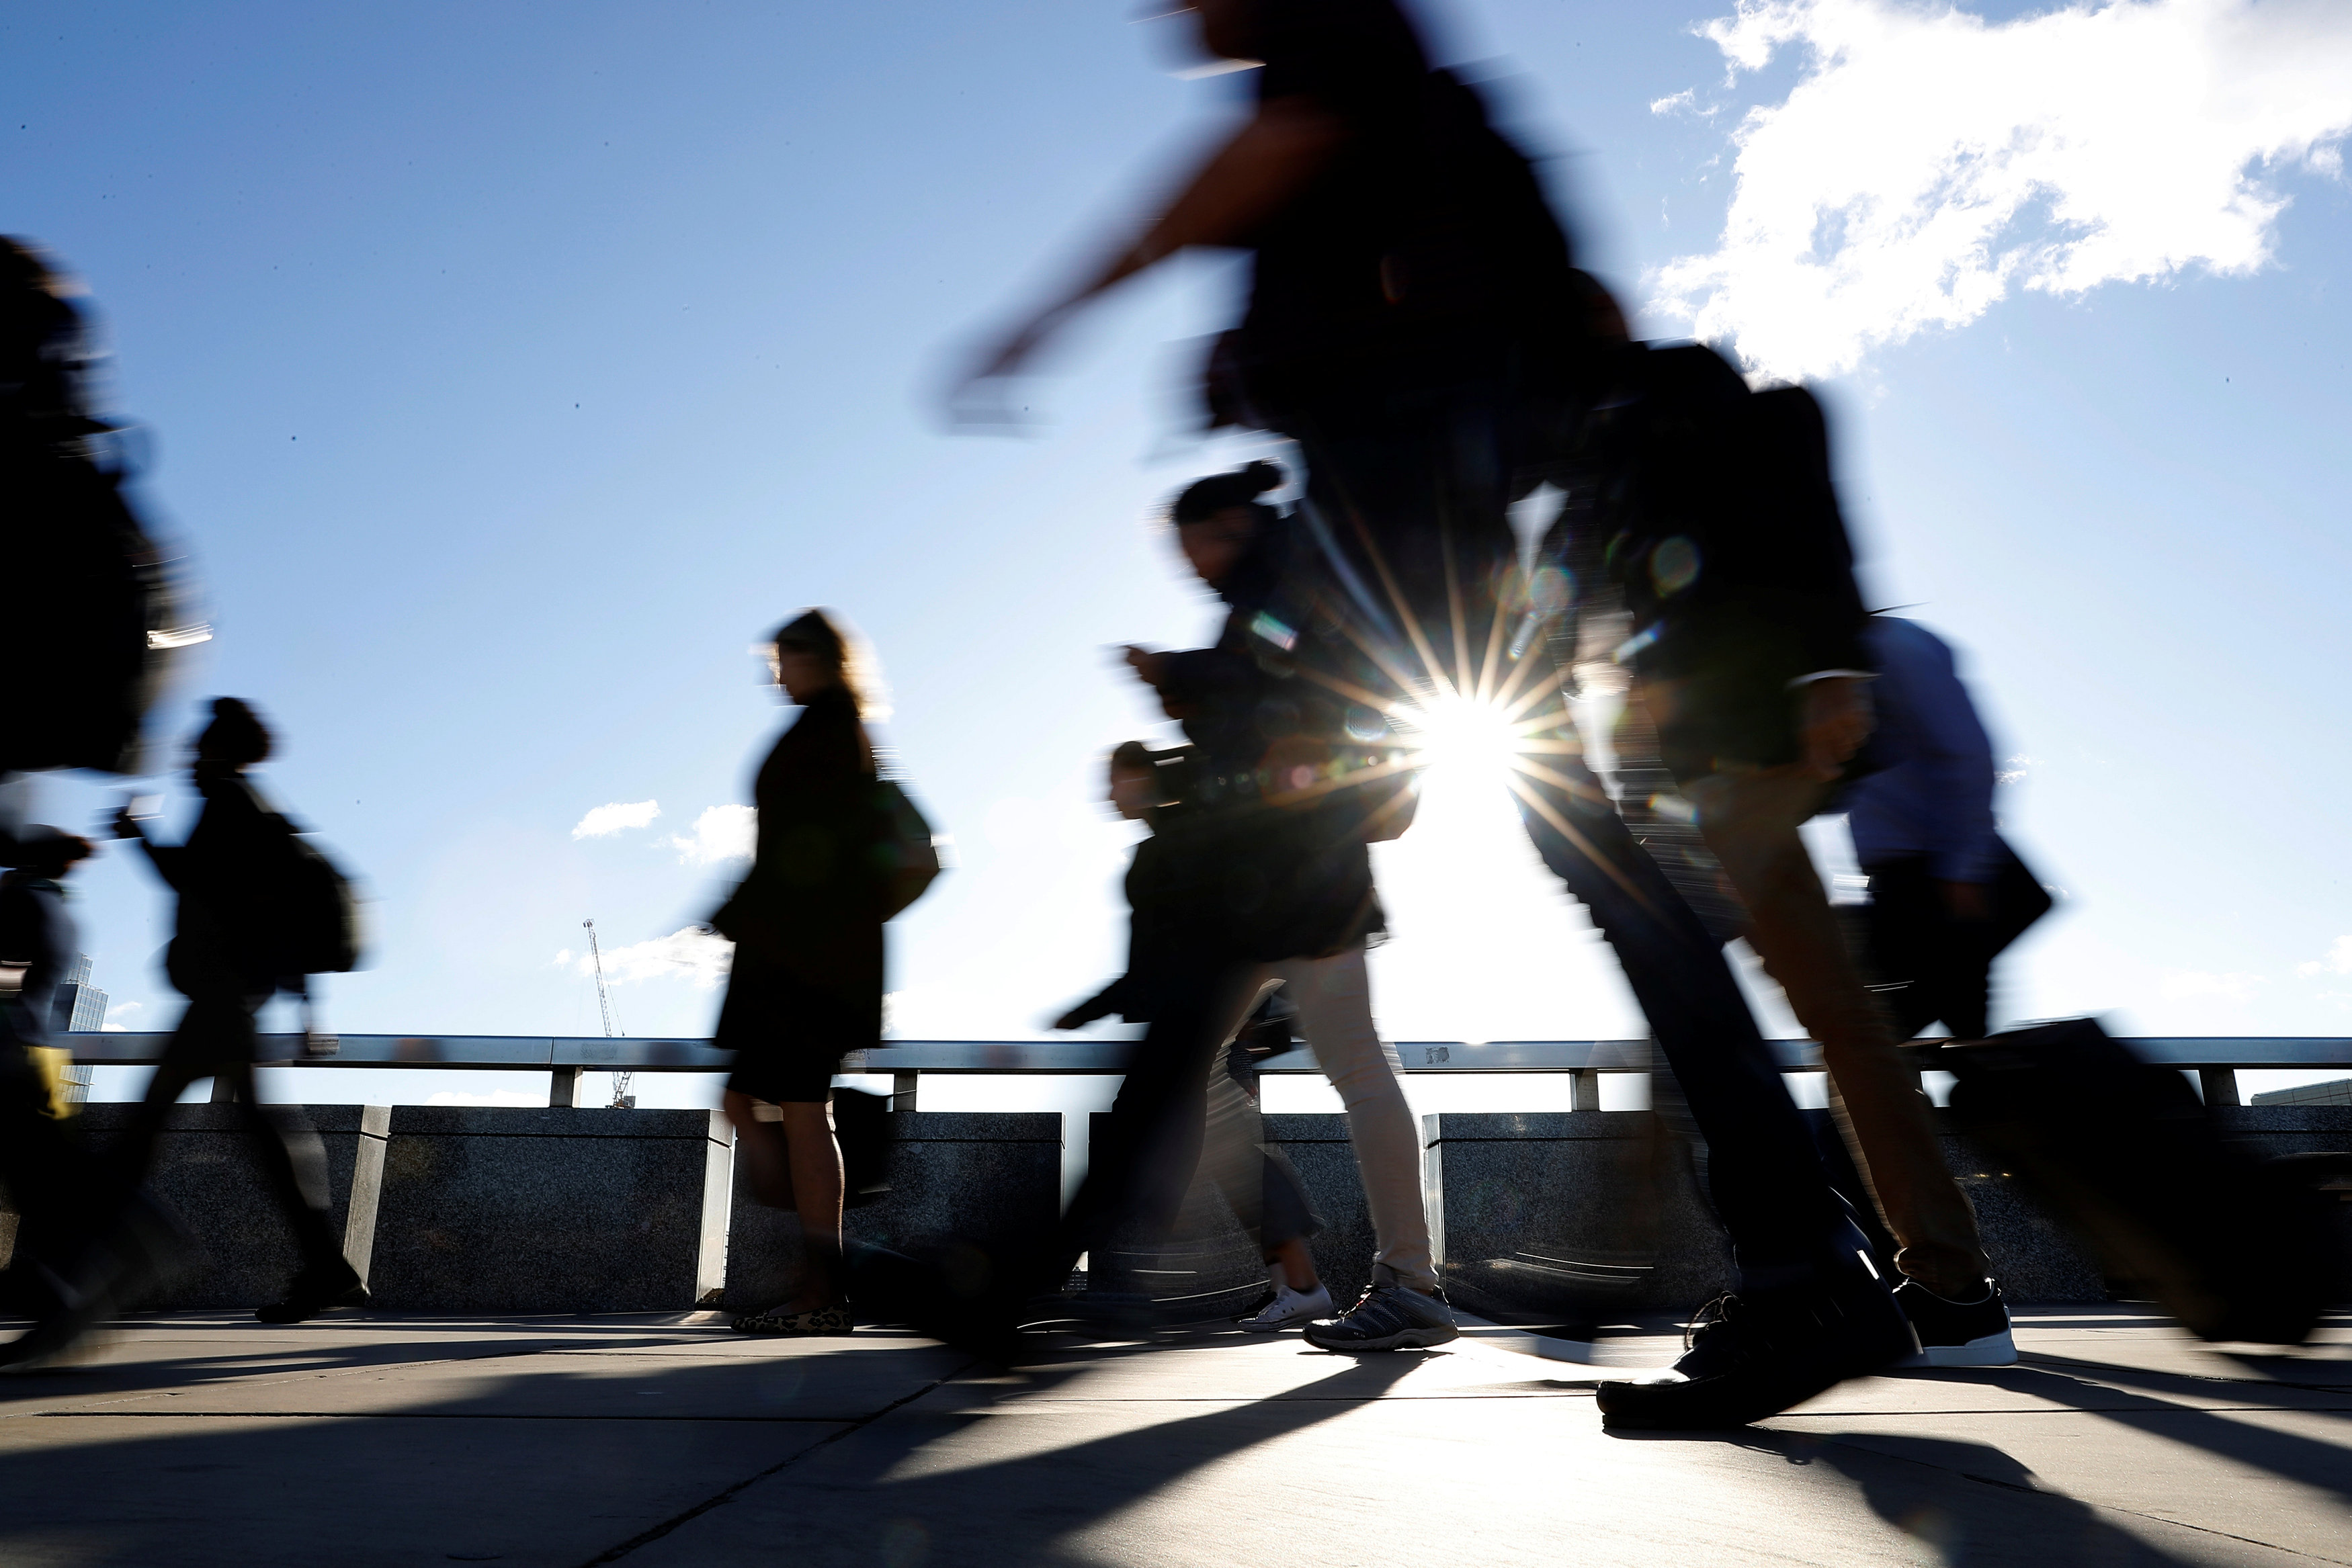 موظفون على جسر لندن